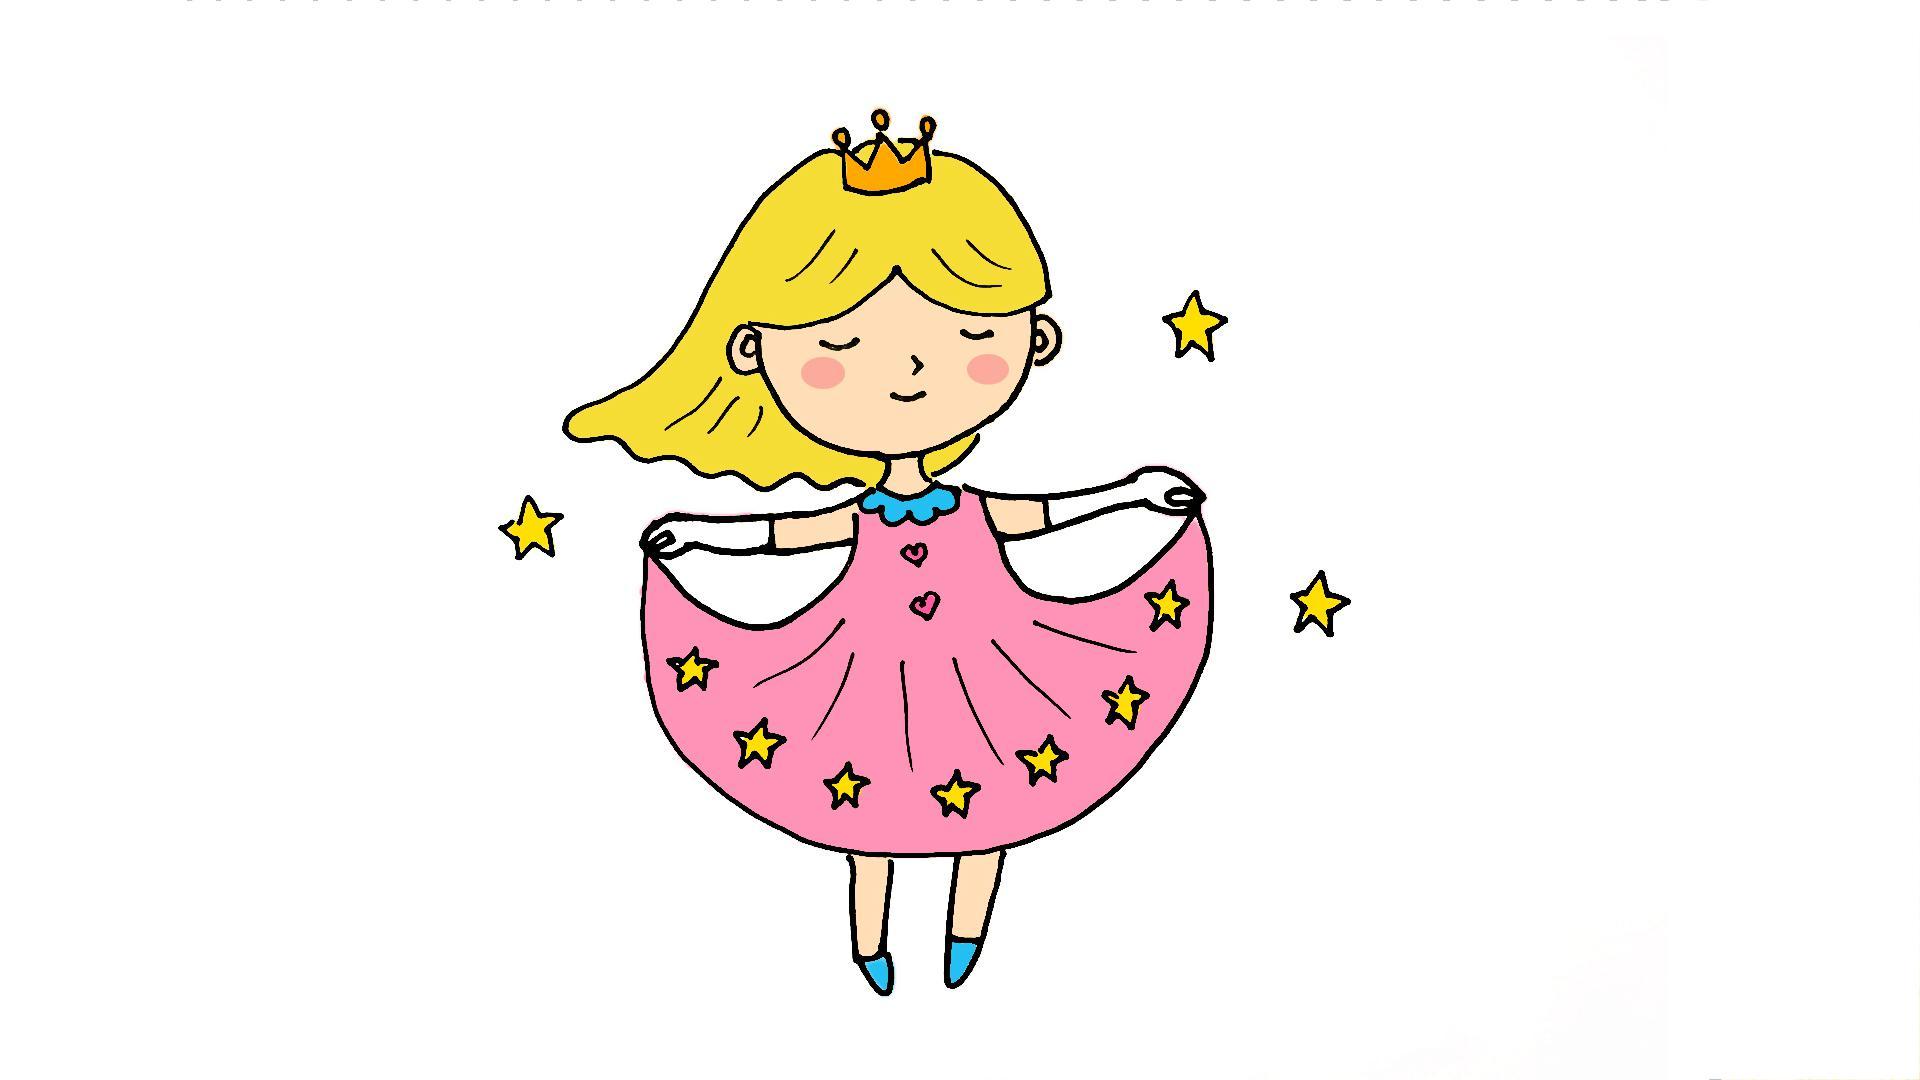 好可爱!一起学画漂亮的小公主简笔画吧